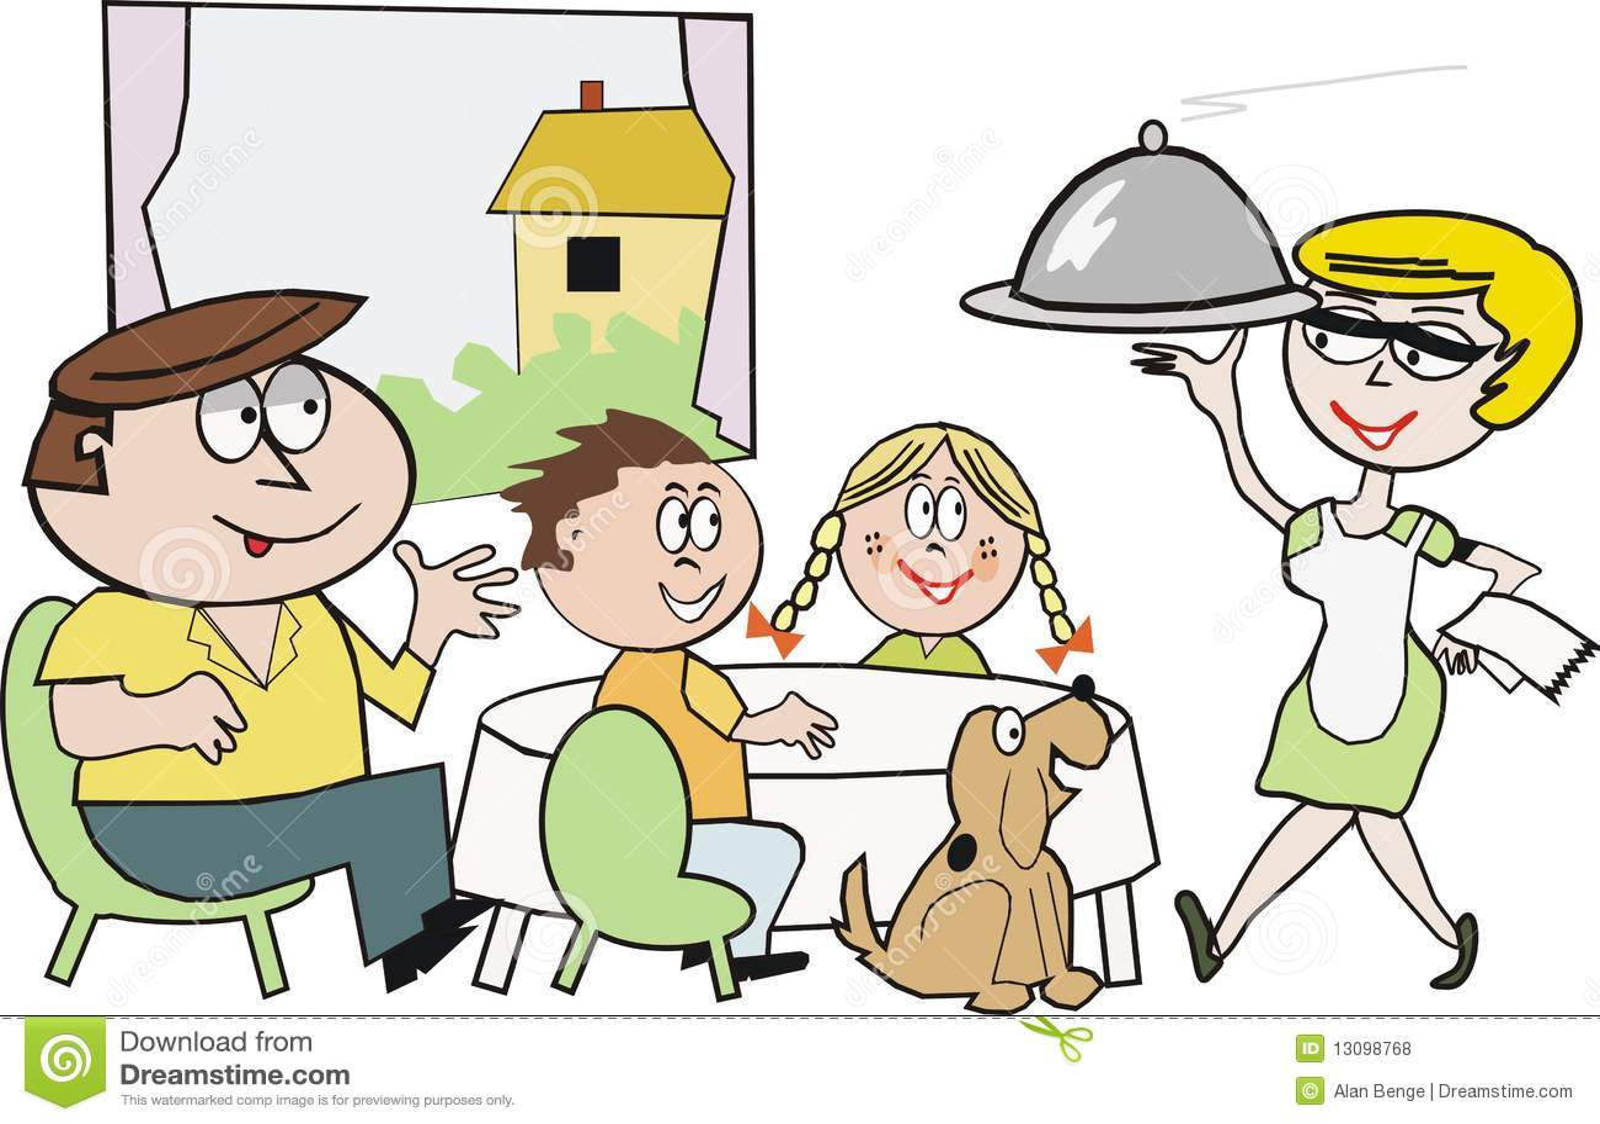 Desenhos Animados Do Mealtime Da Fam237lia Fotos de Stock  : desenhos animados do mealtime da famlia 13098768 from pt.dreamstime.com size 1300 x 930 jpeg 122kB